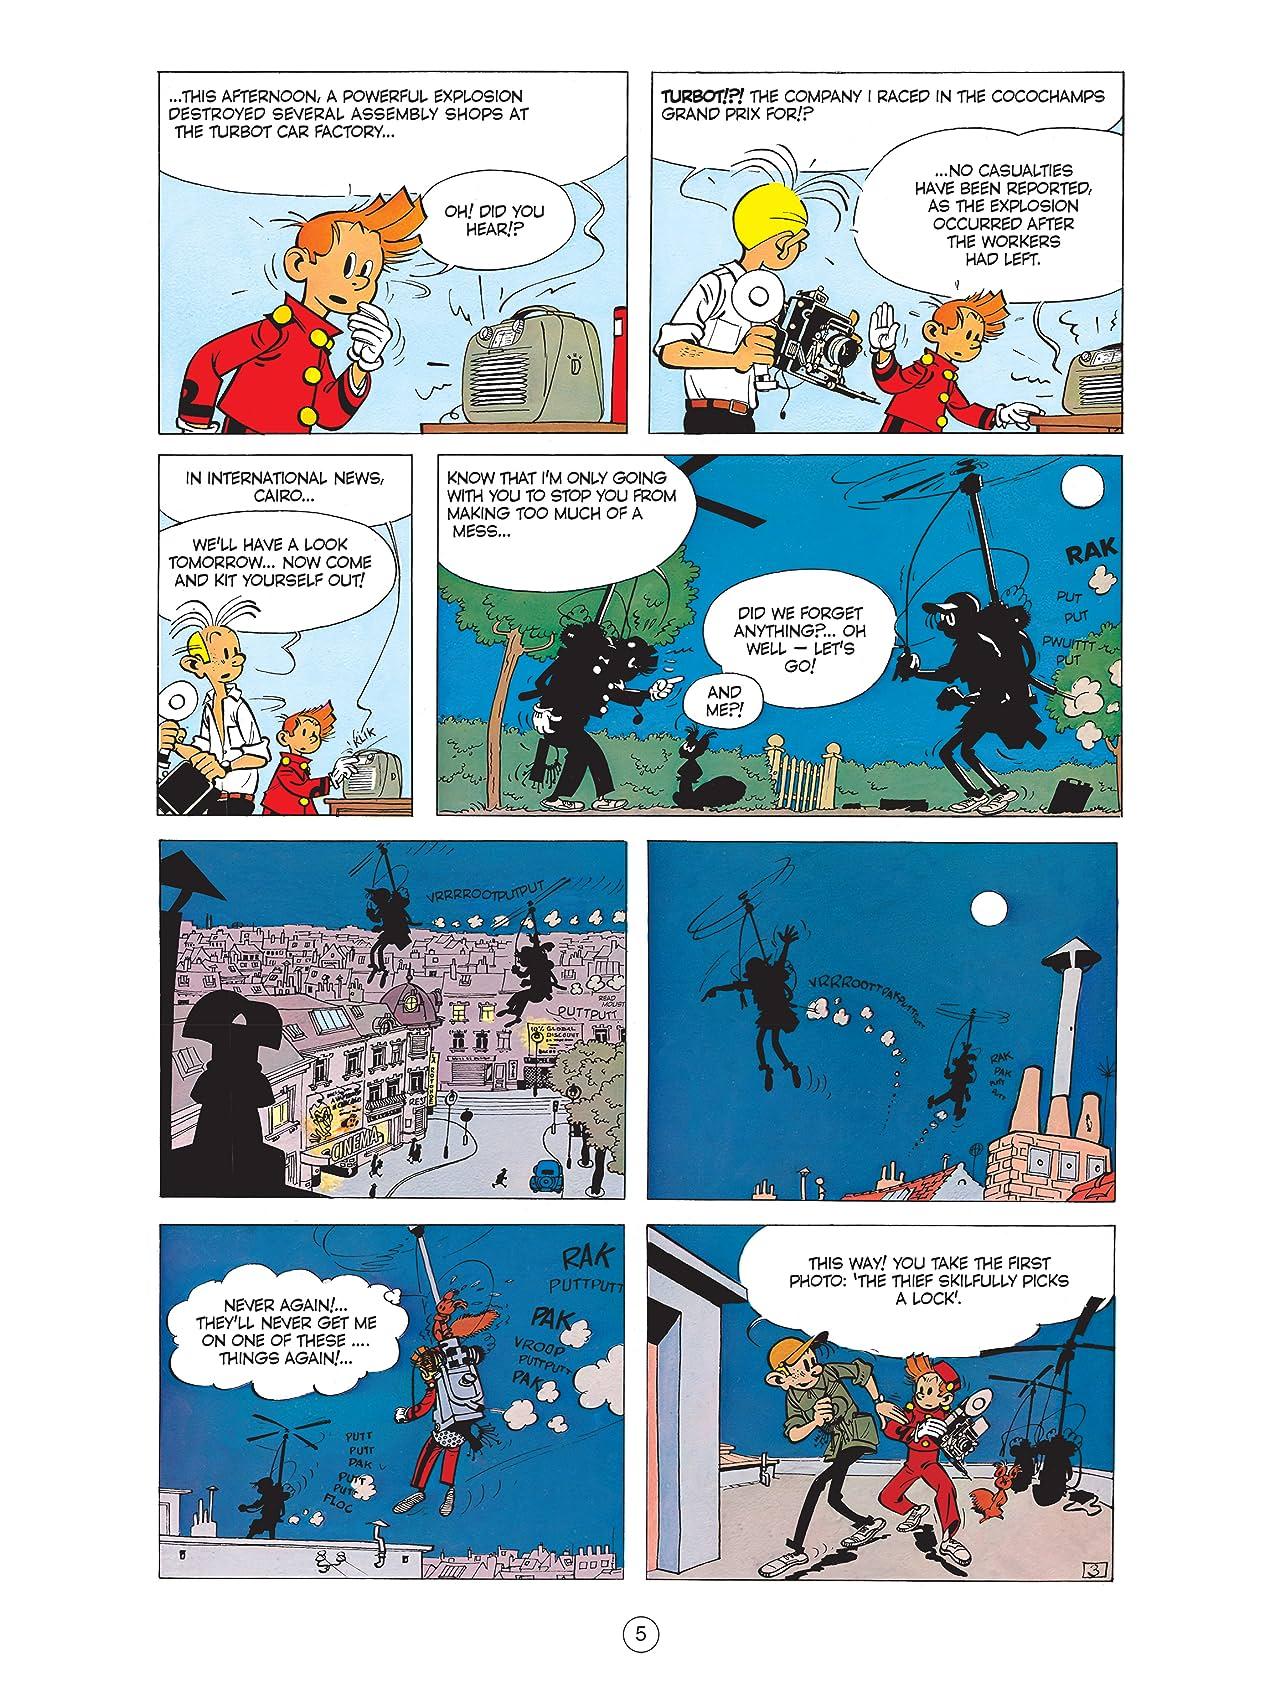 Spirou & Fantasio Vol. 7: The Rhinoceros' Horn